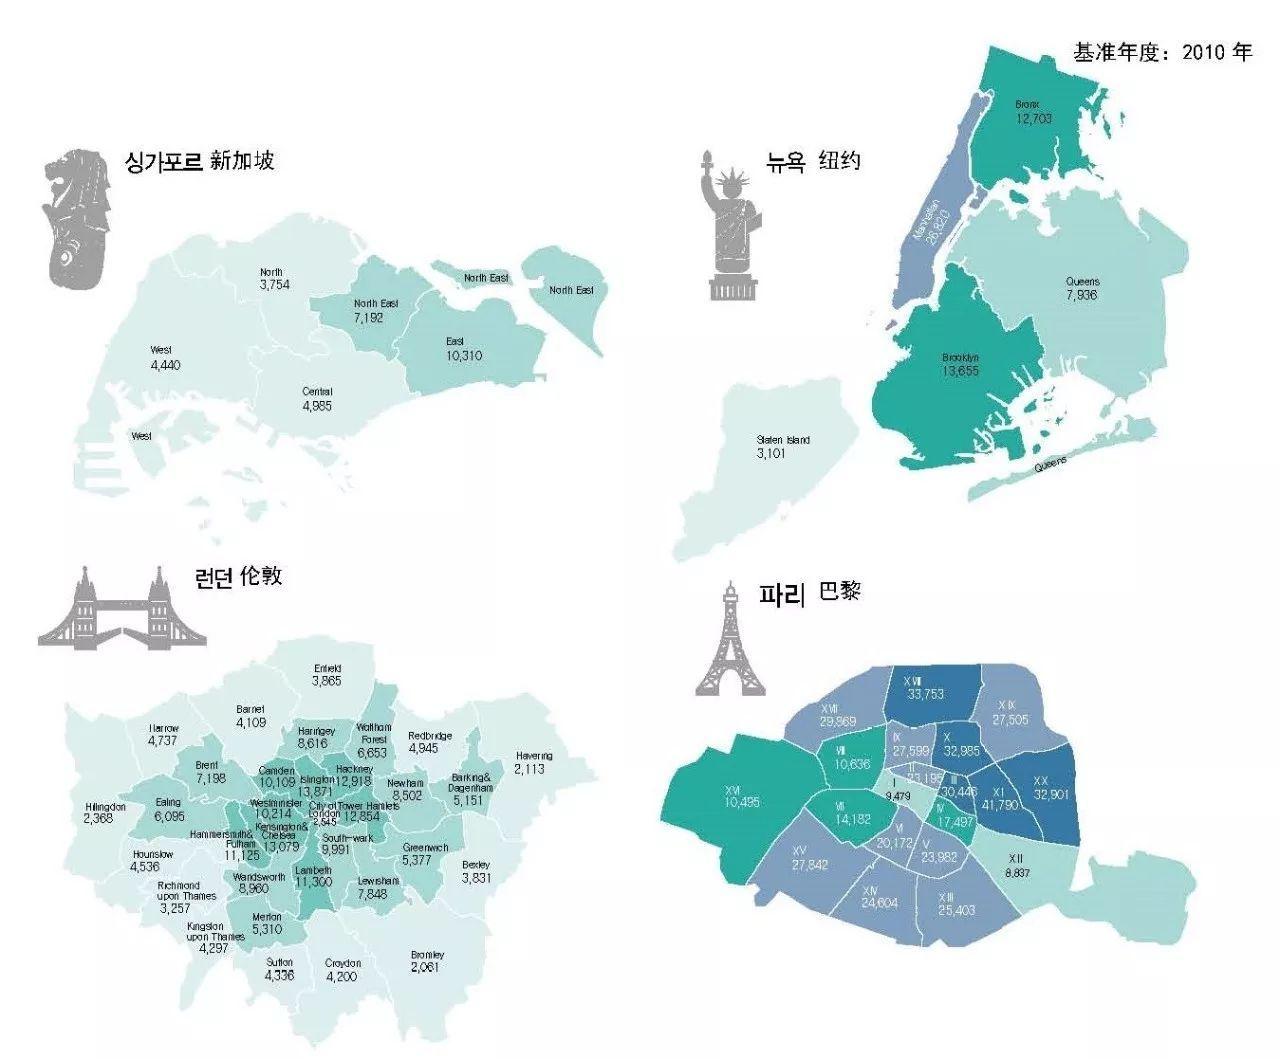 世界城市人口密度排名_2013世界城市人口密度排行榜